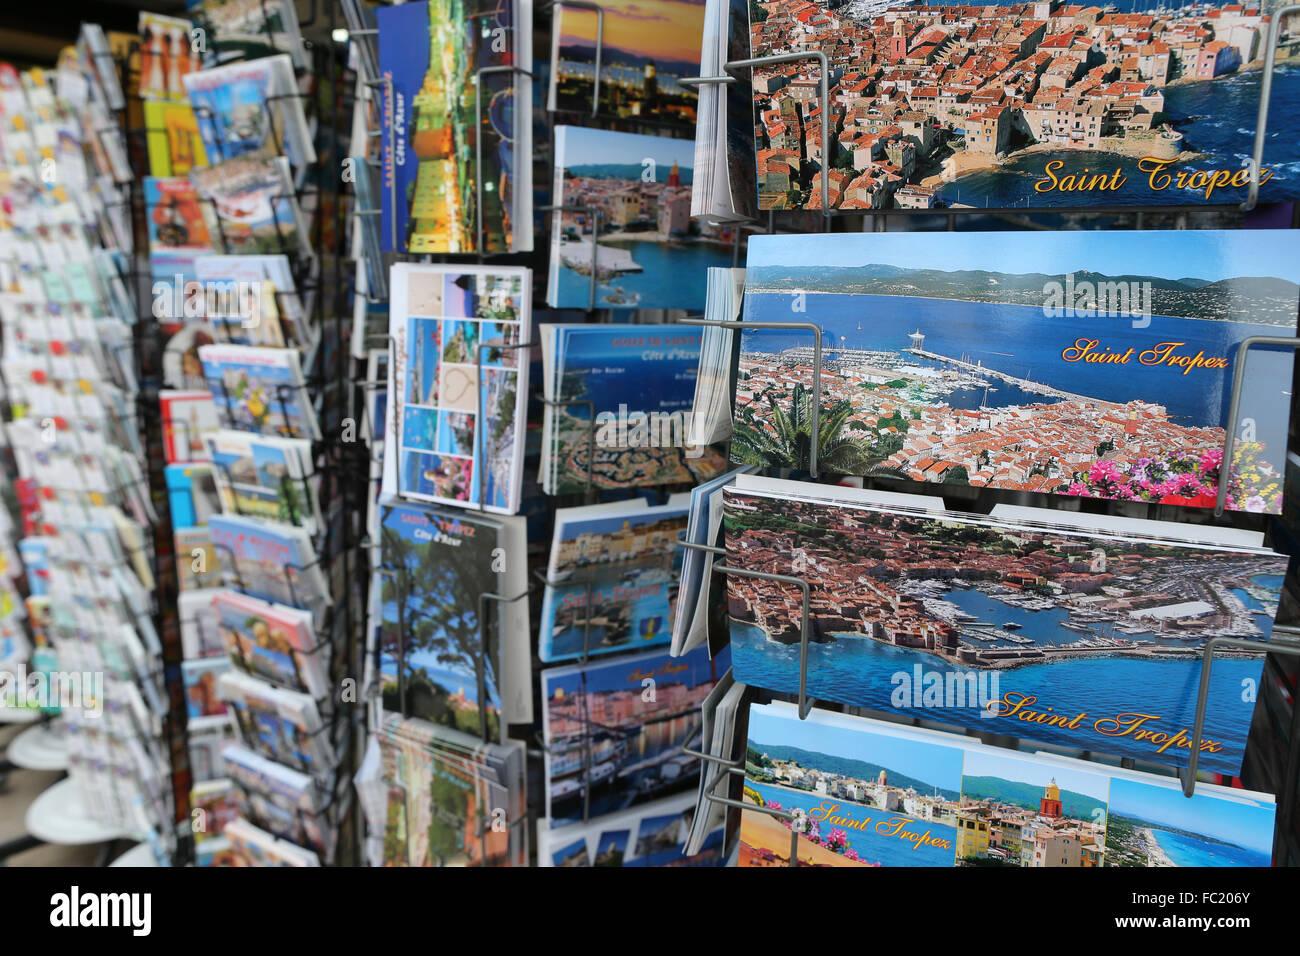 Saint Tropez, postcards. - Stock Image